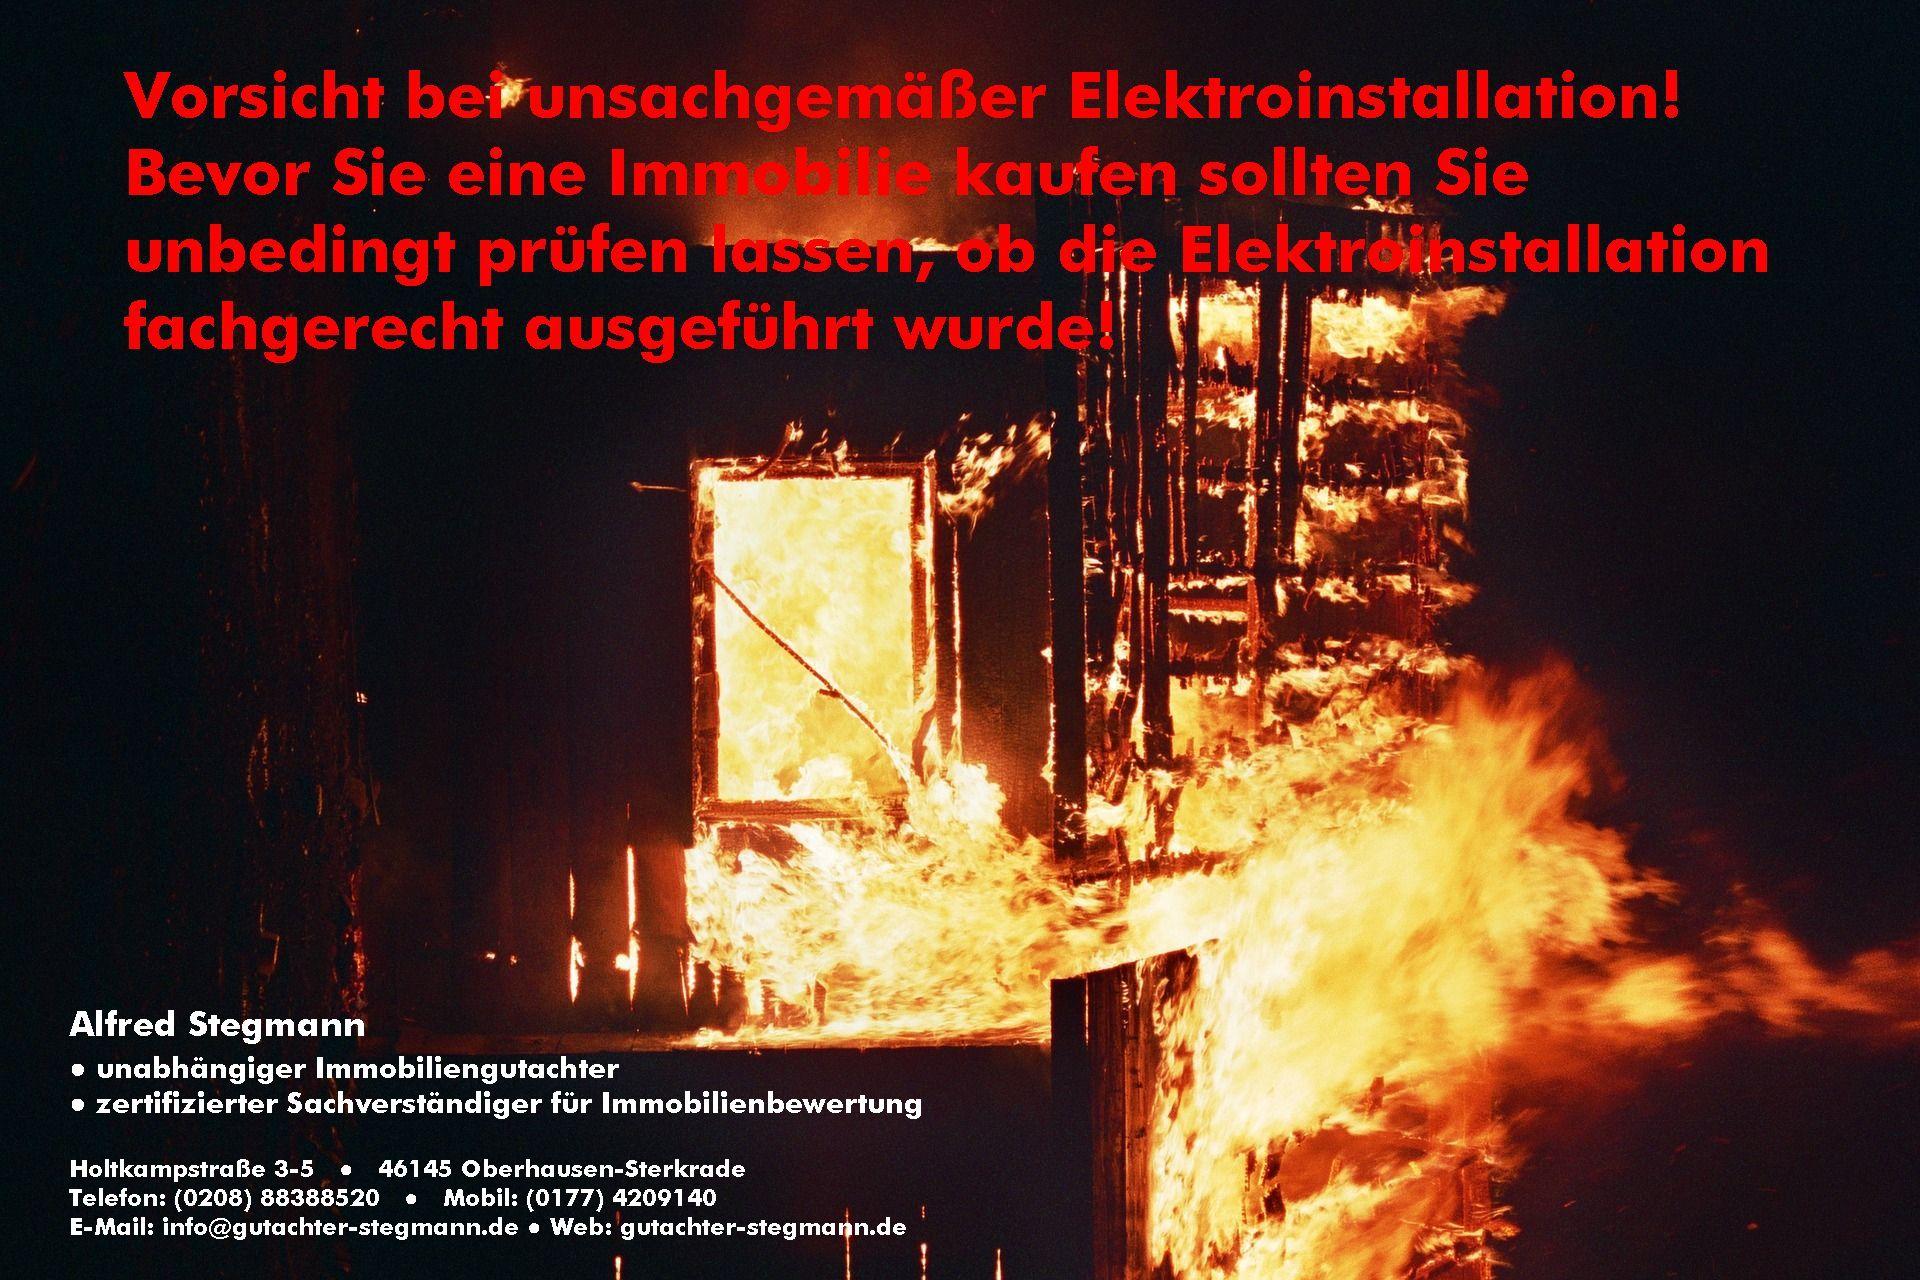 Vorsicht! Brandgefahr bei unsachgemäßer Elektroinstallation ...